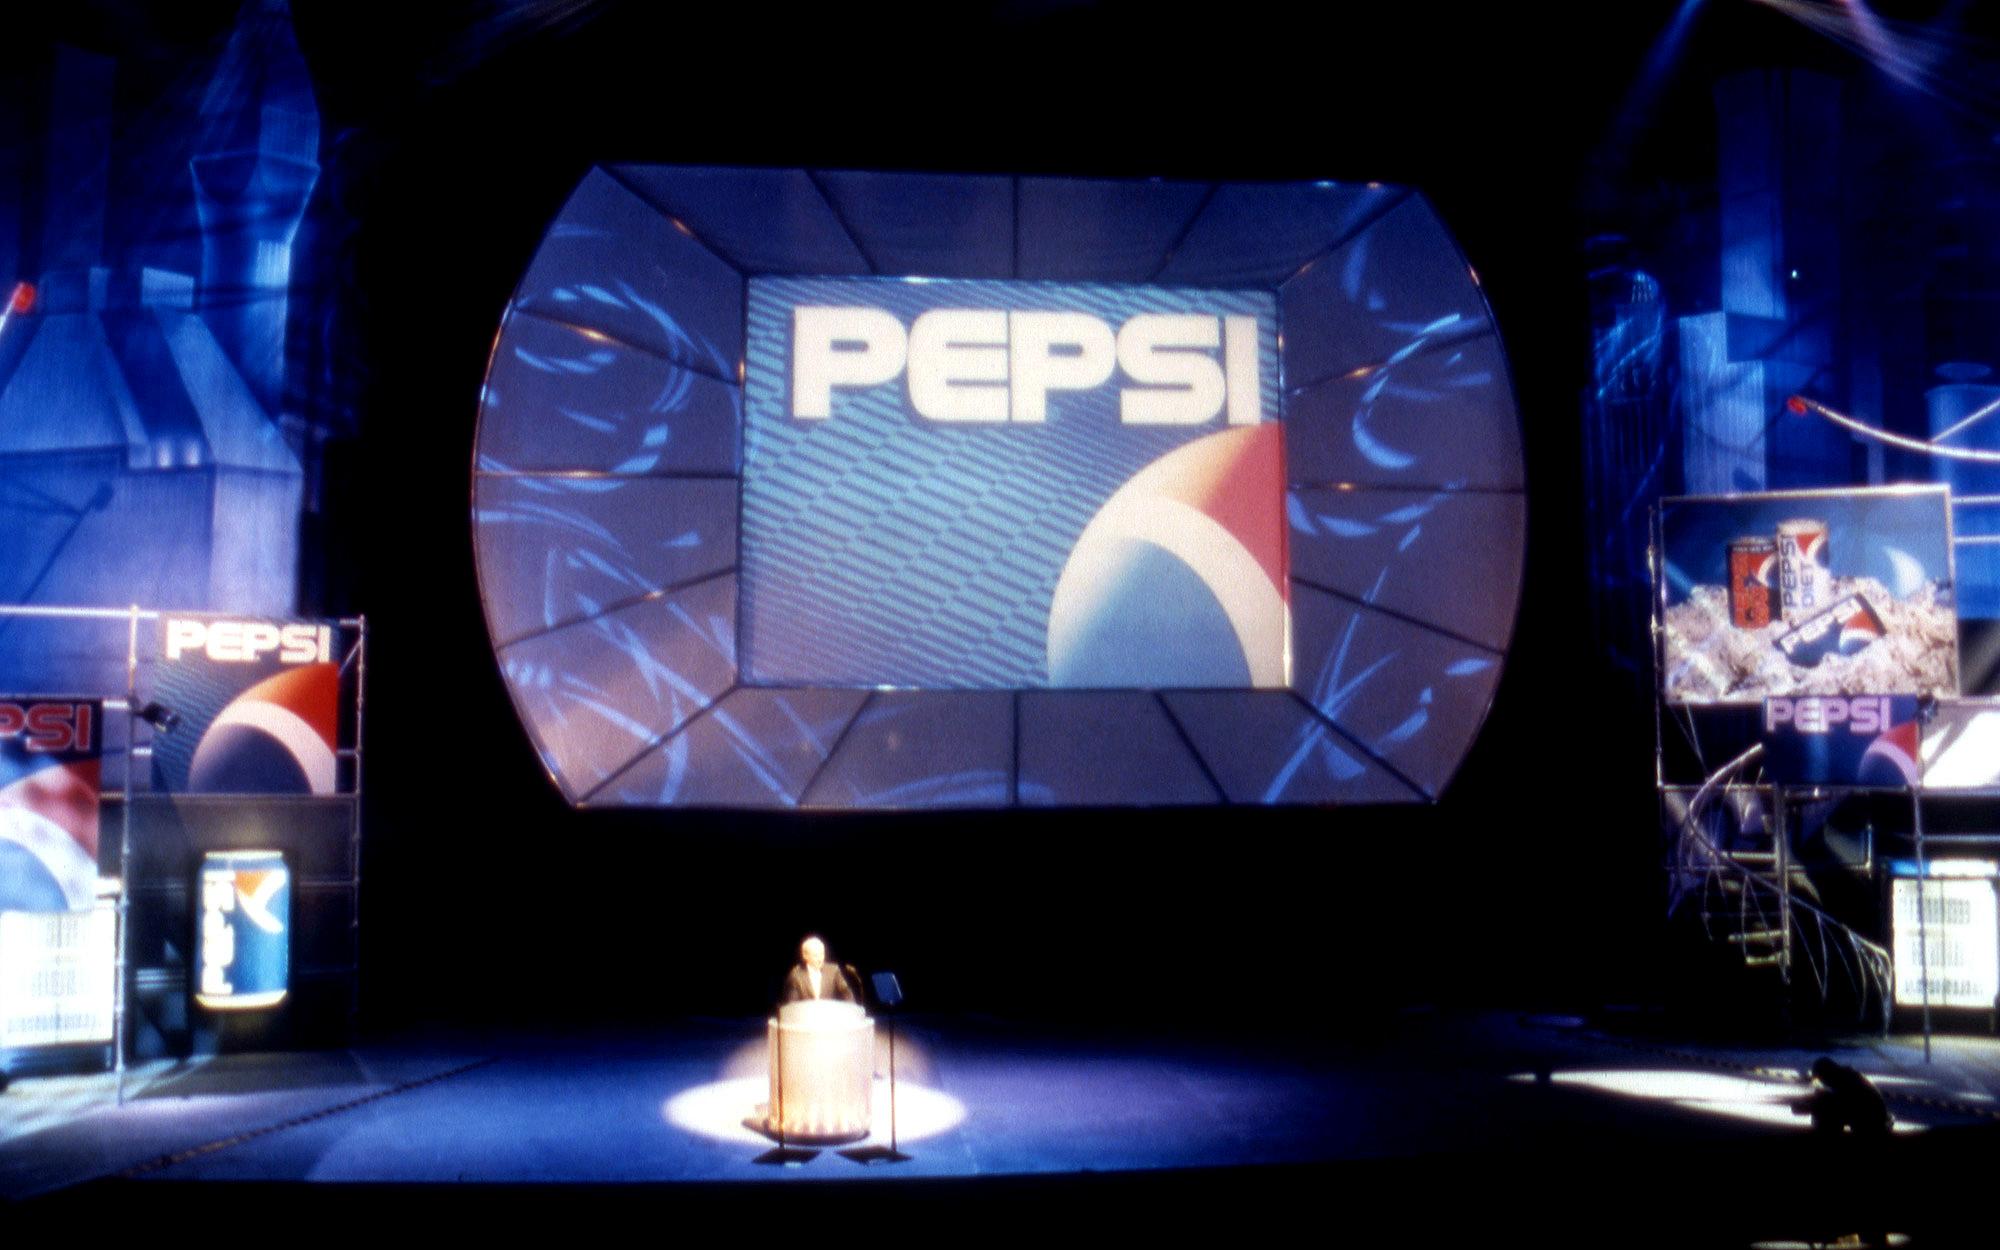 Pepsi Blue Theatre